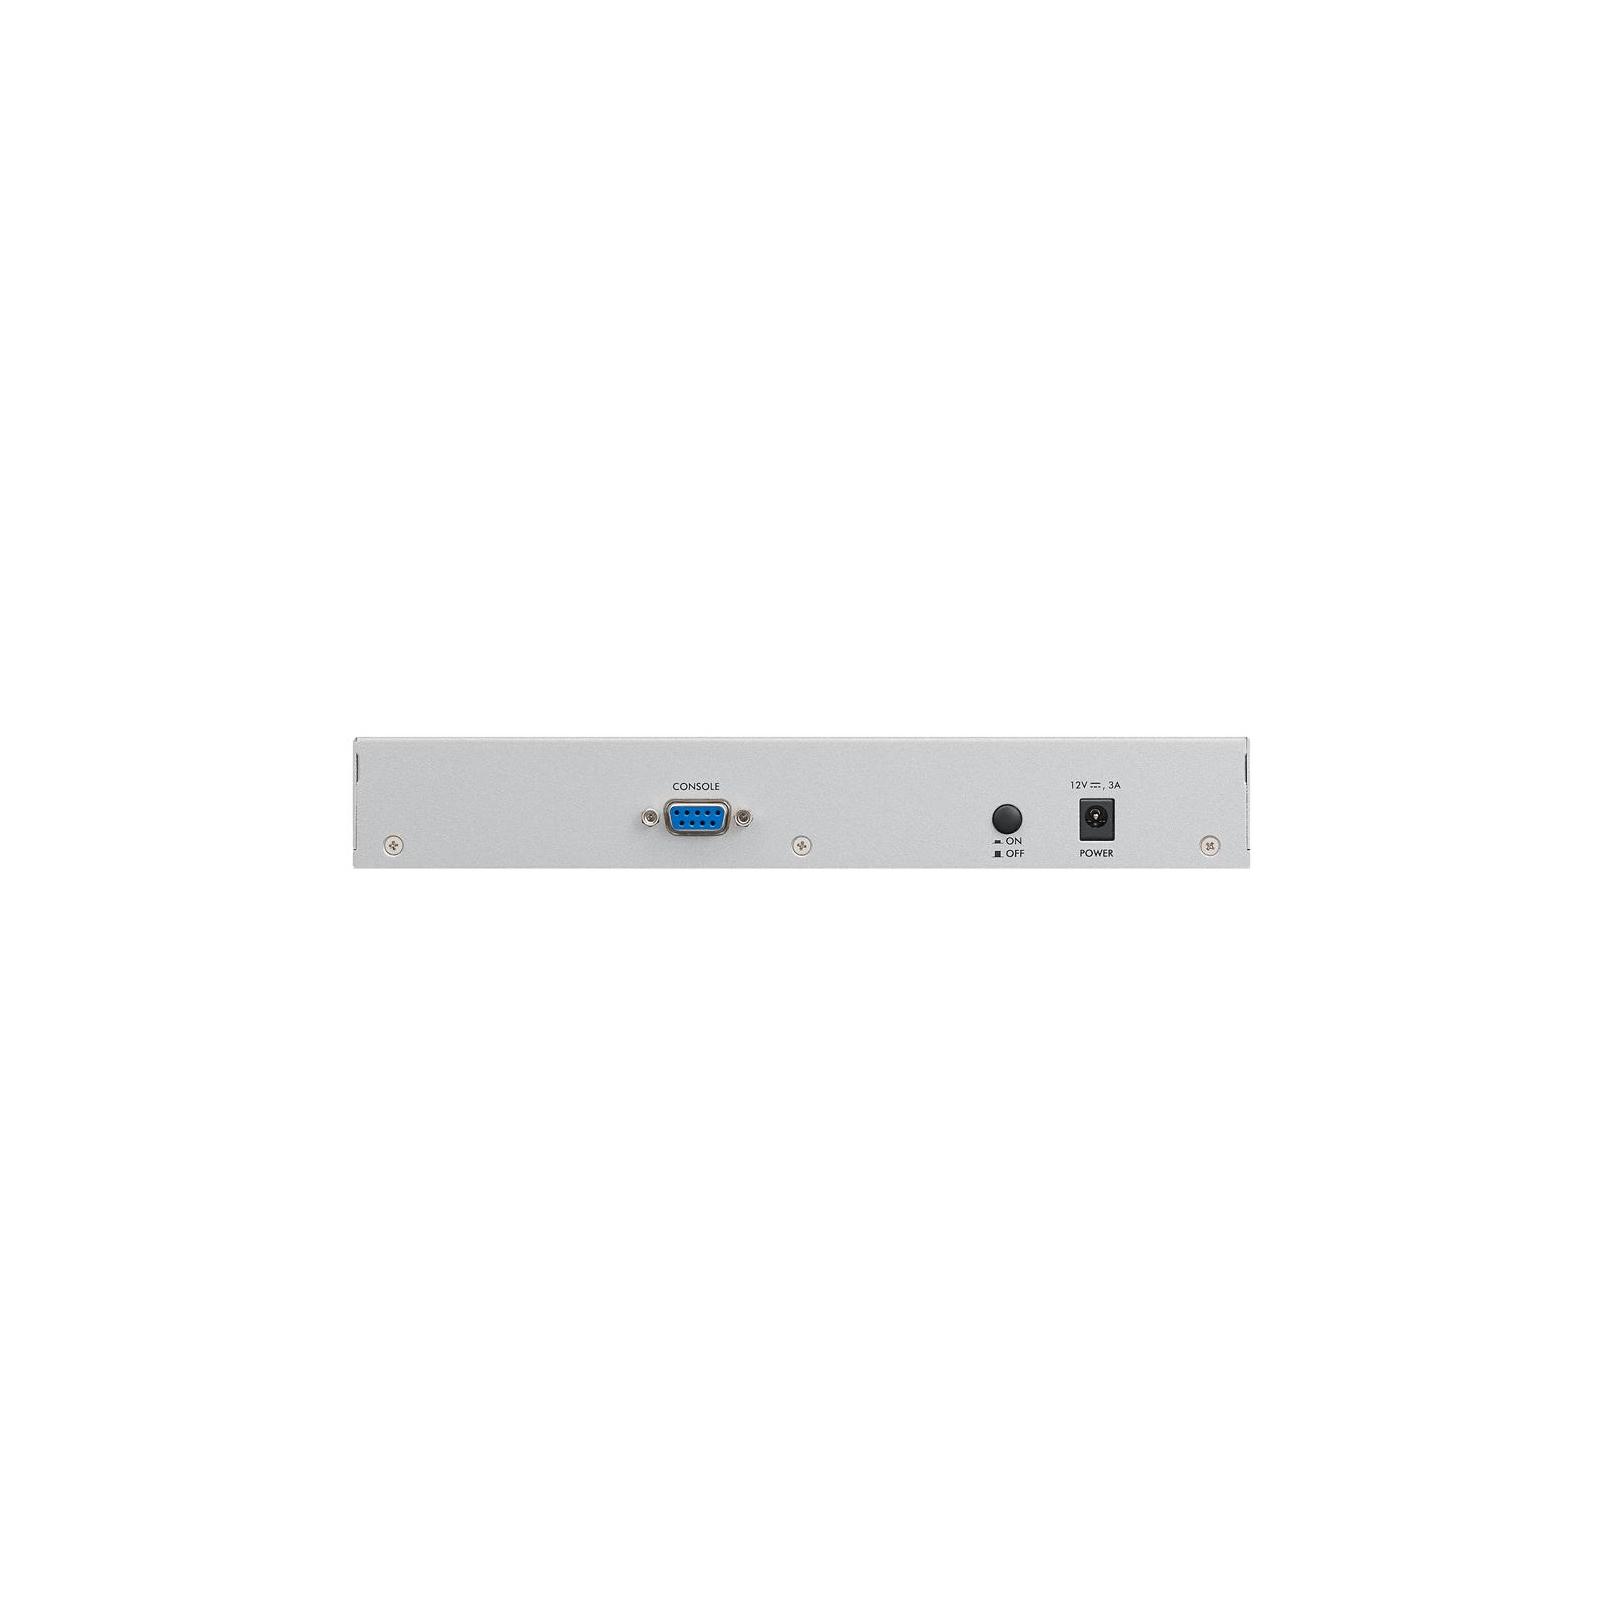 Файрвол ZyXel USG60-RU0101F изображение 4